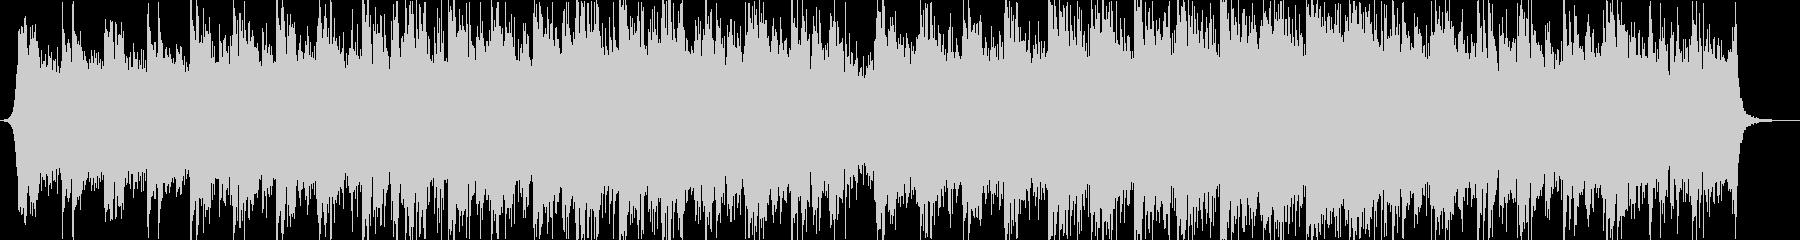 マリンバとピアノ中心のアンビエント曲の未再生の波形